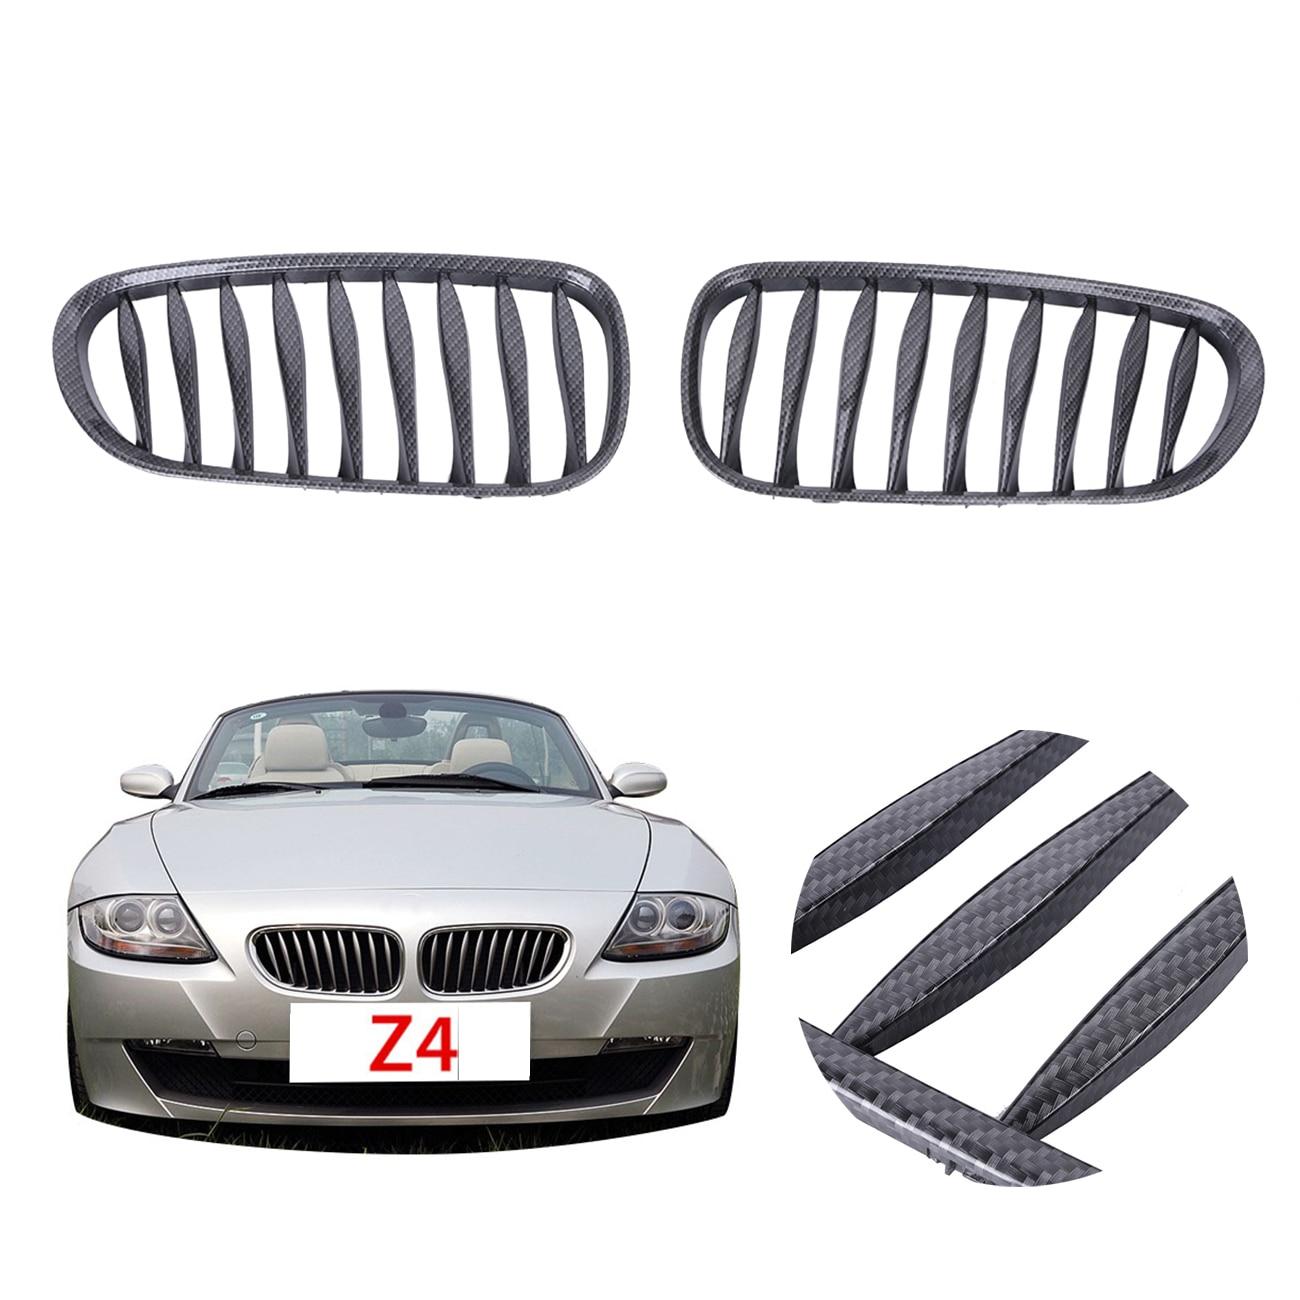 Bmw Z4 2014 Black: Popular Bmw Z4 Convertible-Buy Cheap Bmw Z4 Convertible